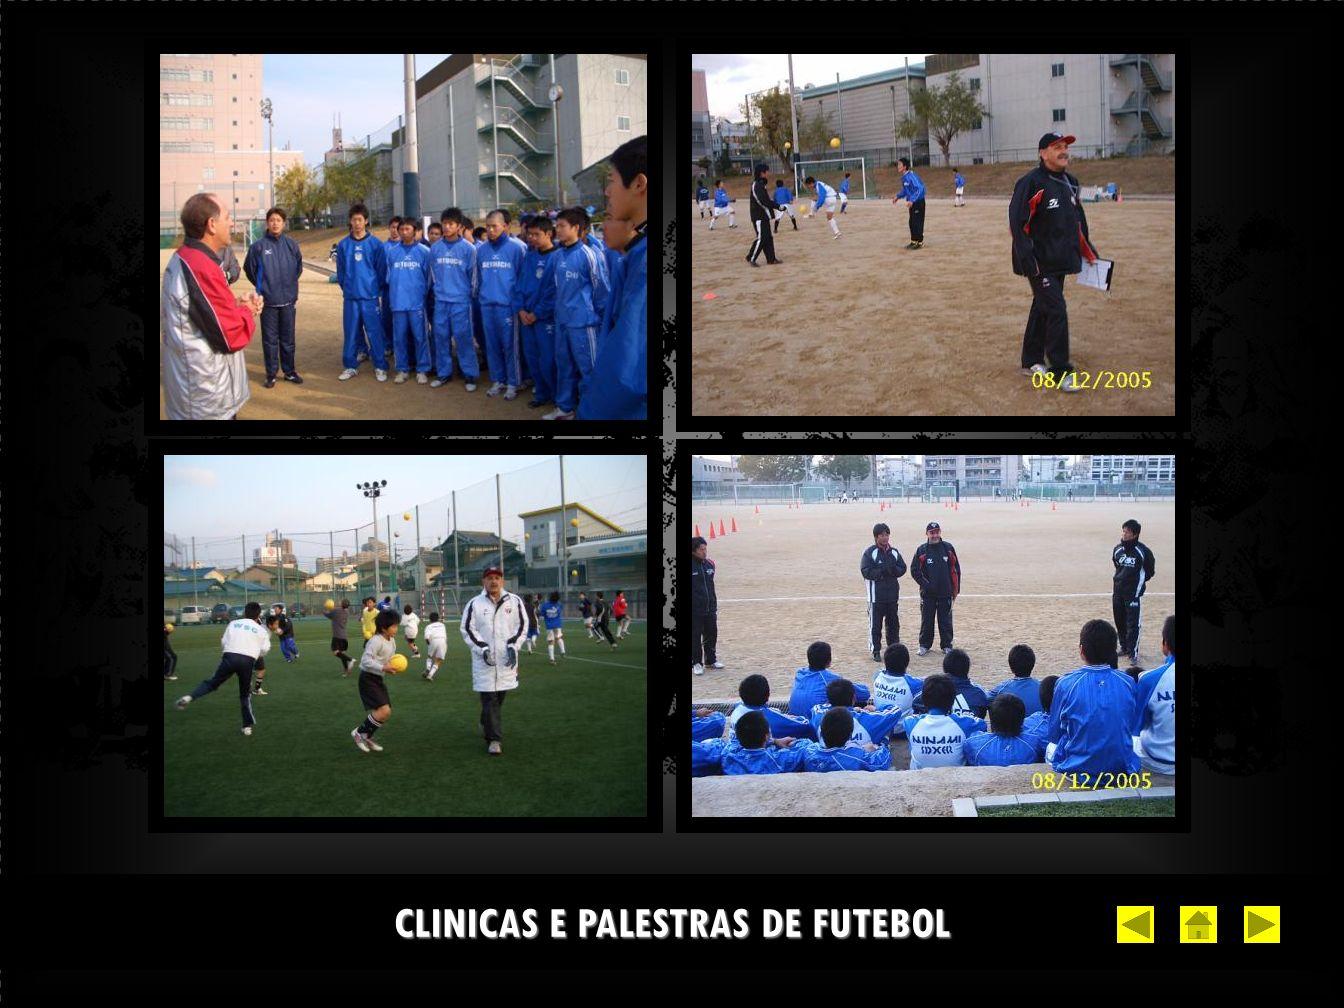 CLINICAS E PALESTRAS DE FUTEBOL